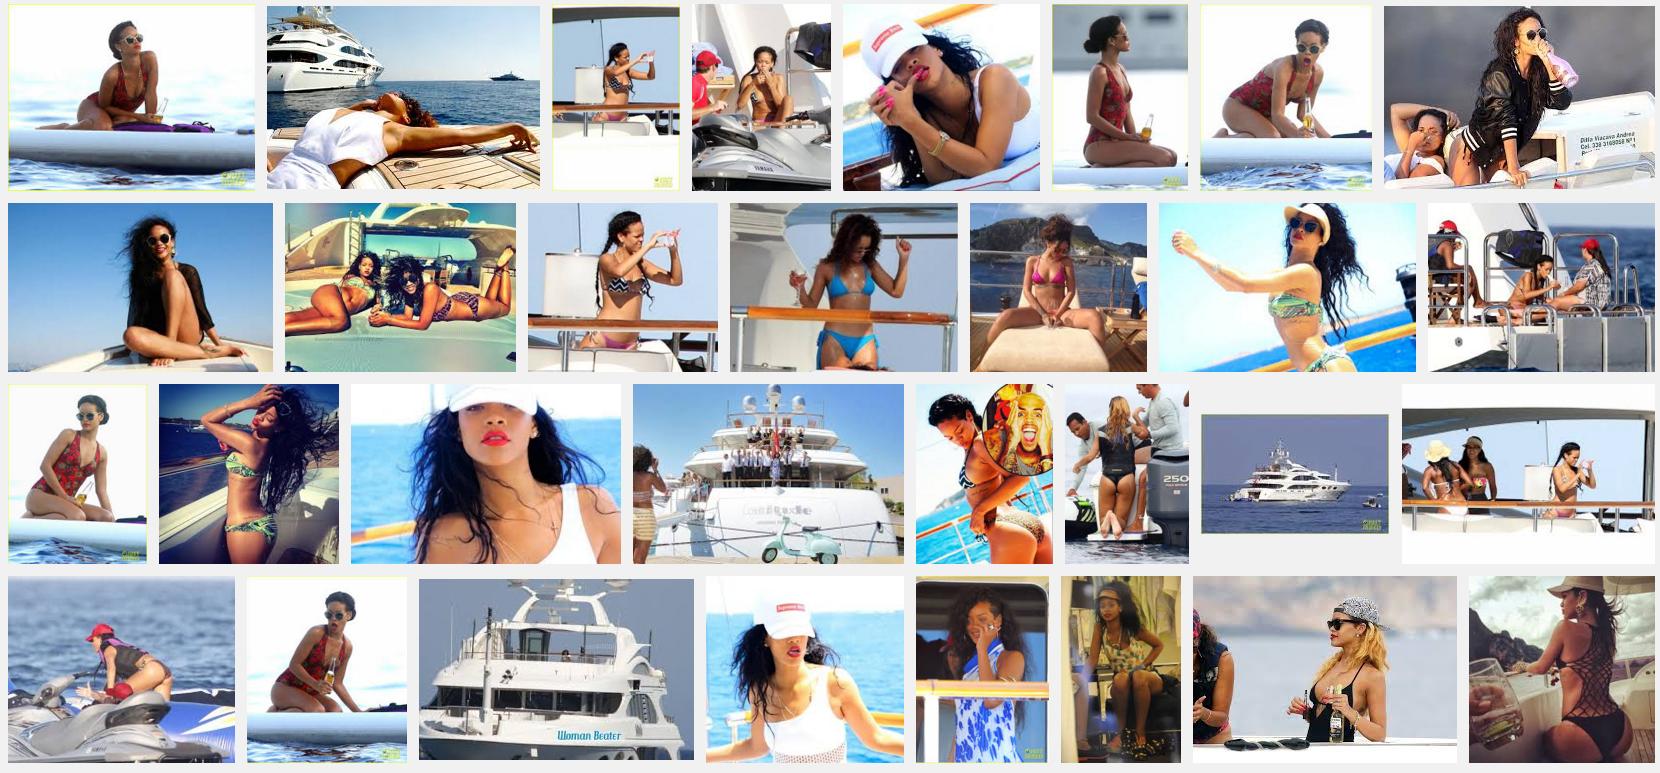 rihanna on yacht